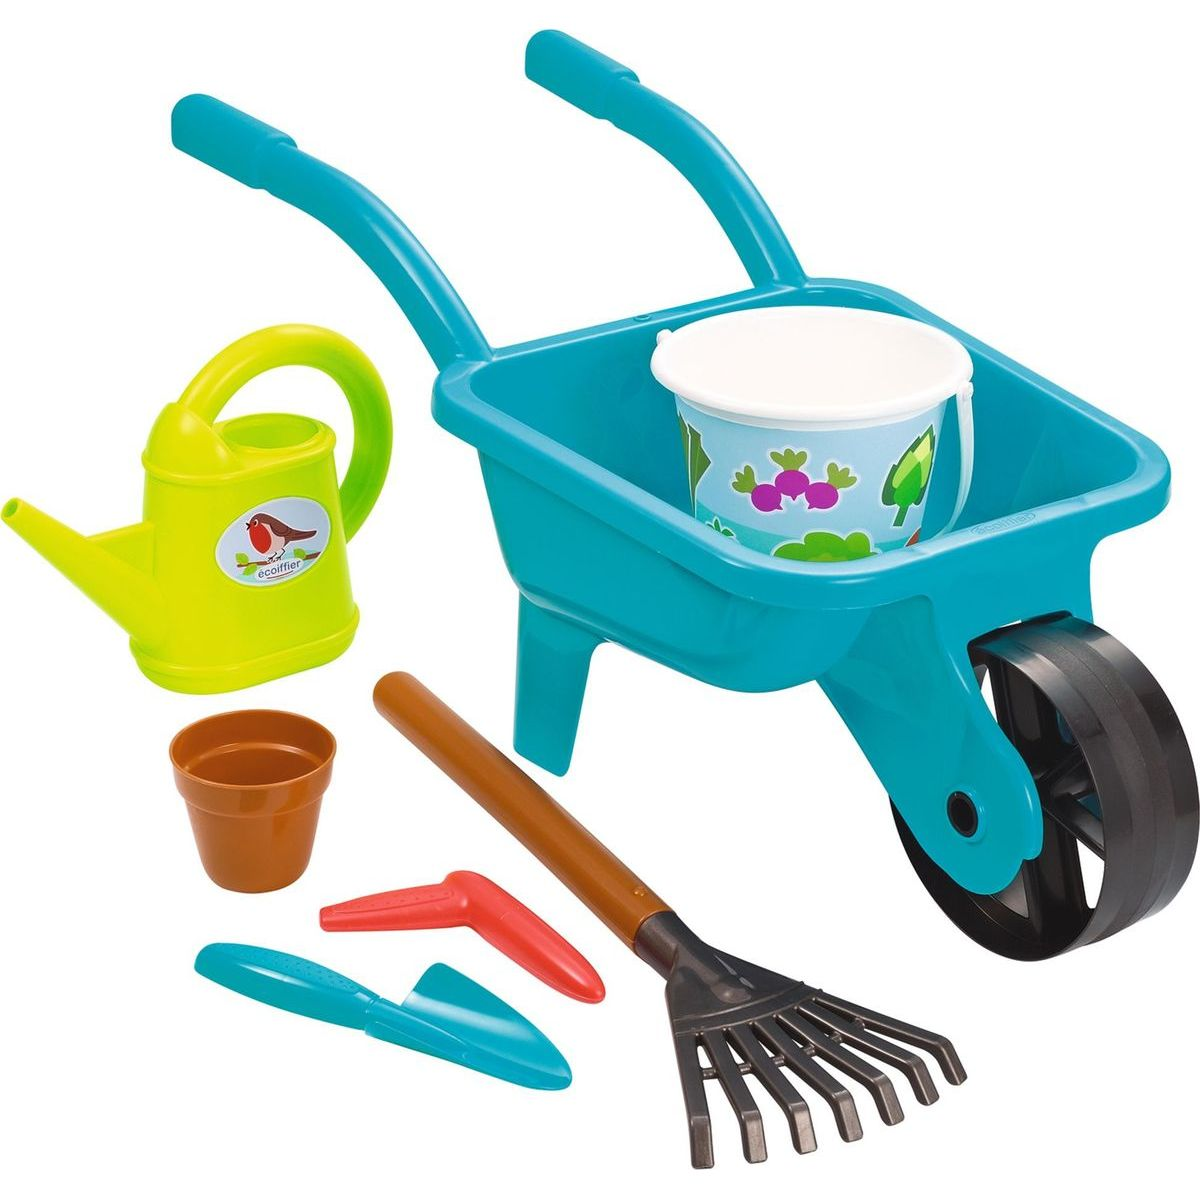 Ecoiffier Zahradní kolečko s konvičkou, kyblíčkem a přísl.